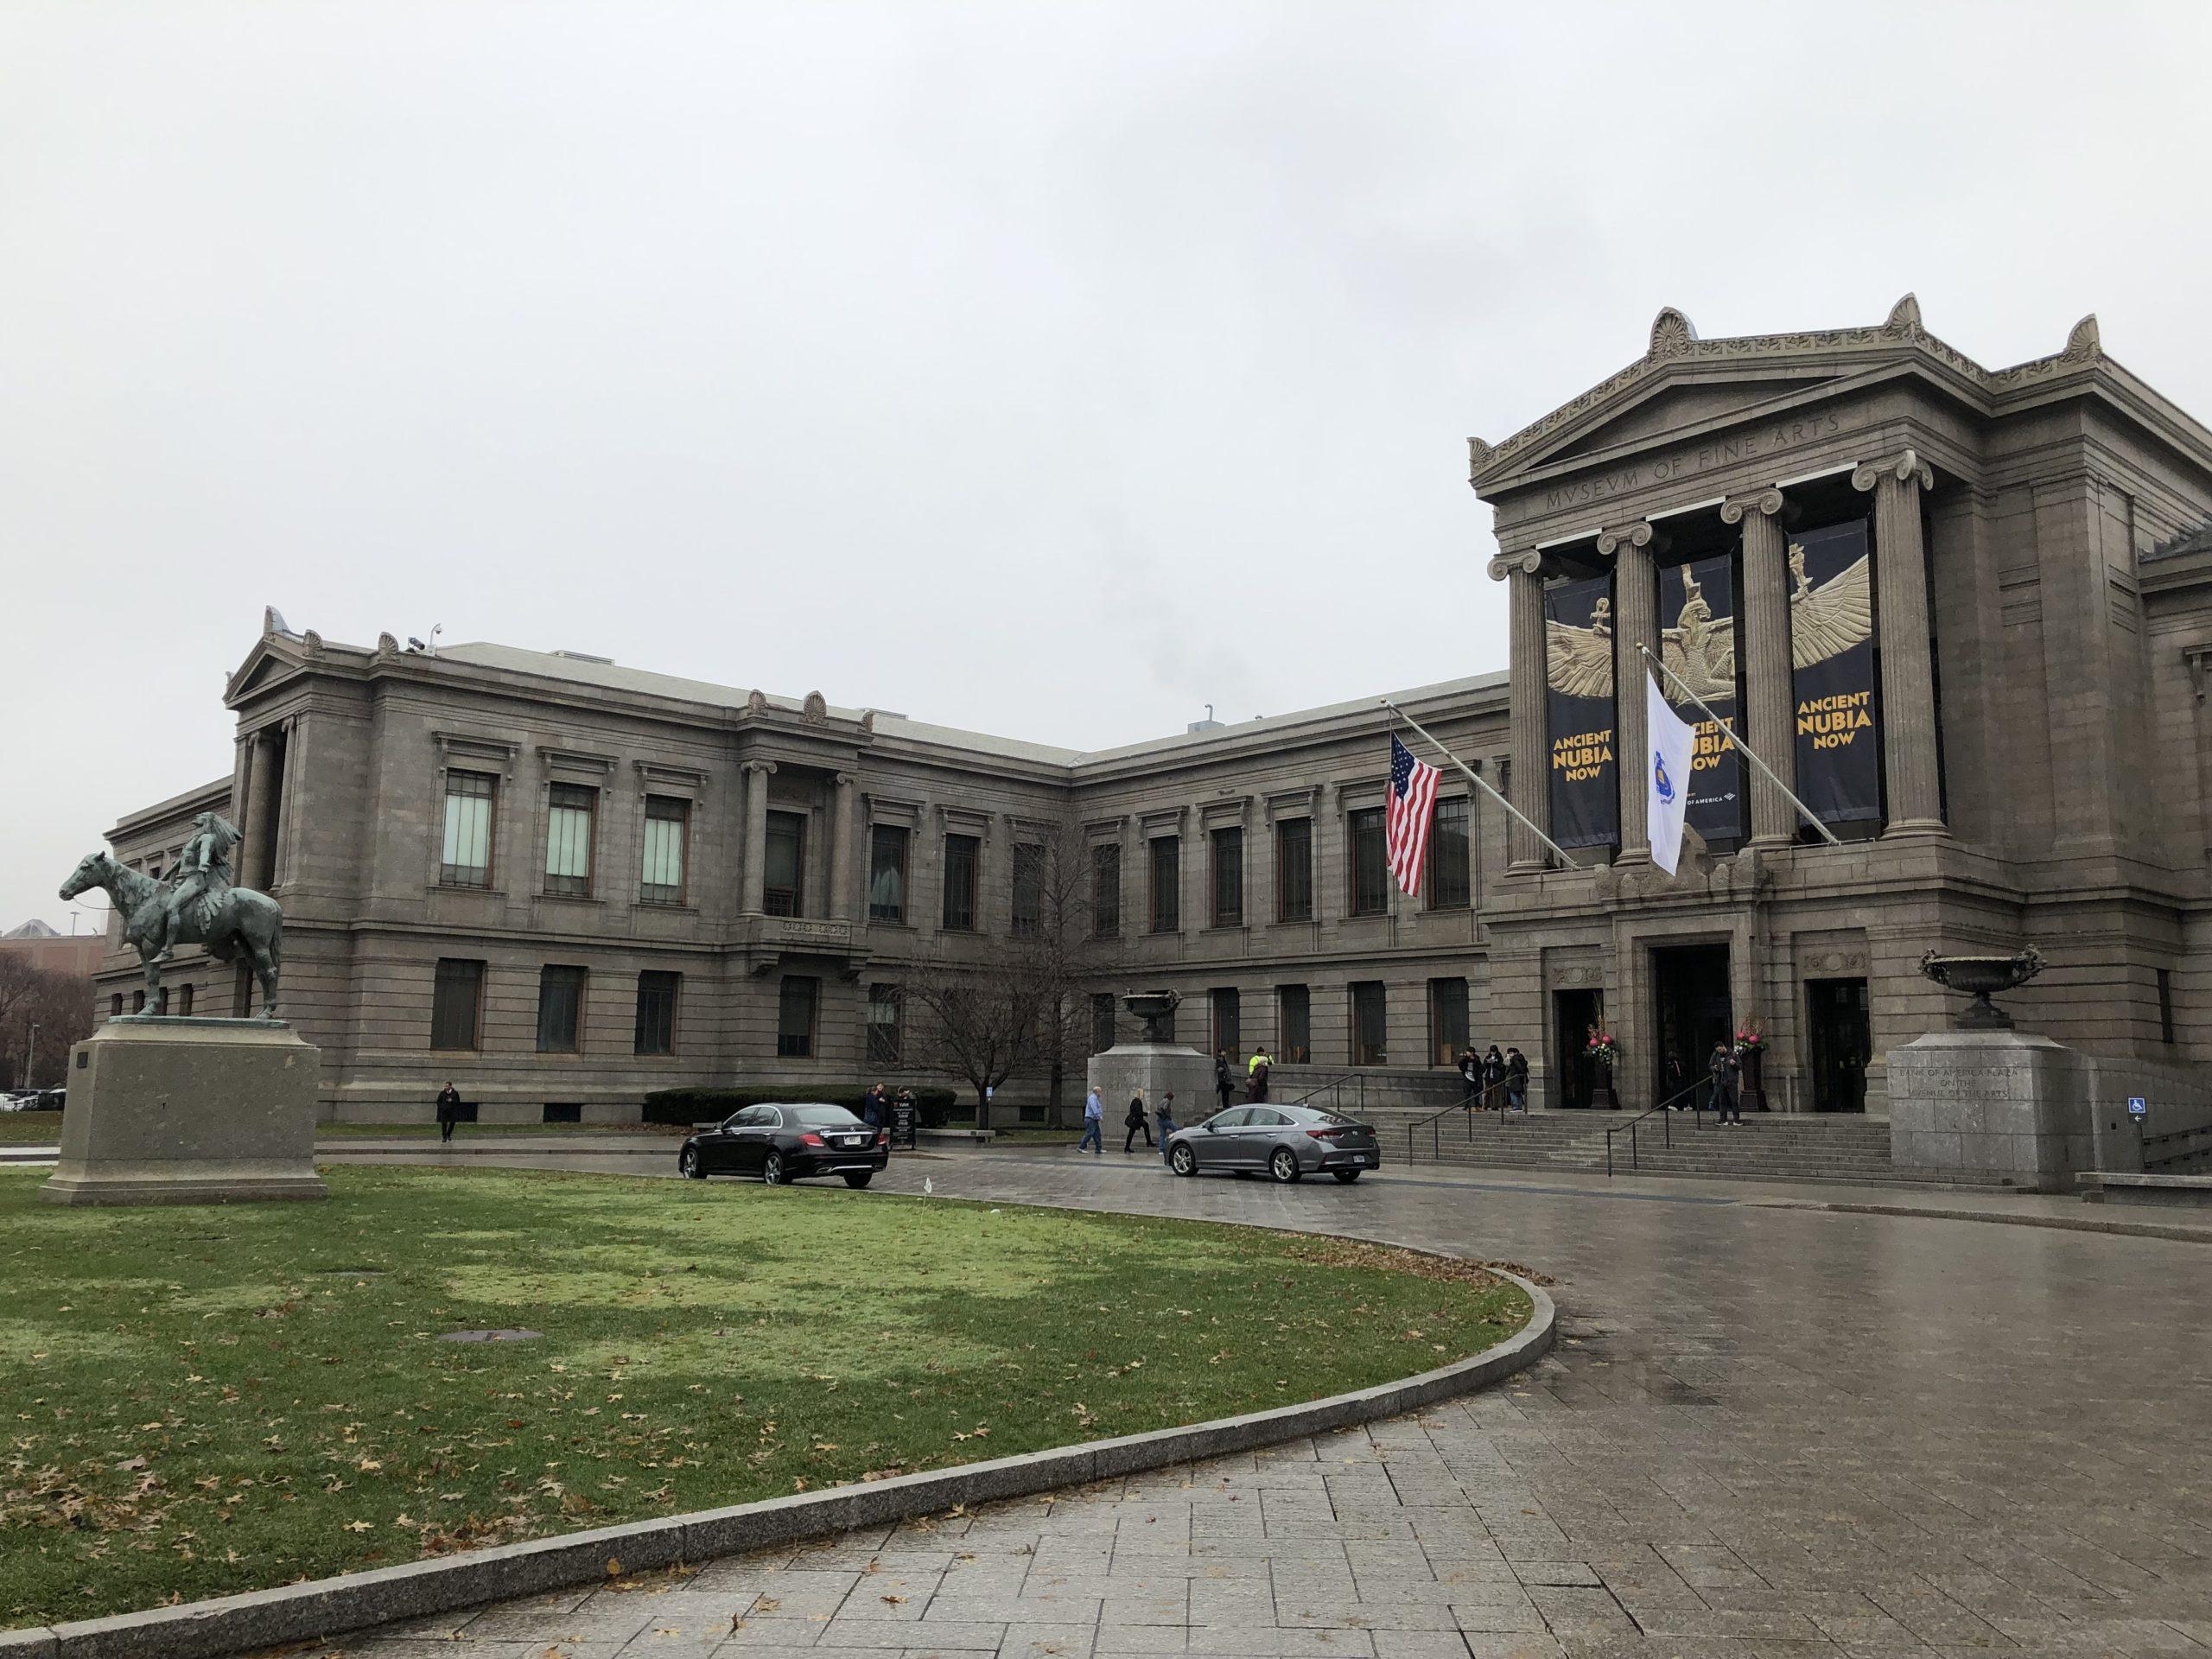 アメリカ独立戦争発祥の地ボストン観光